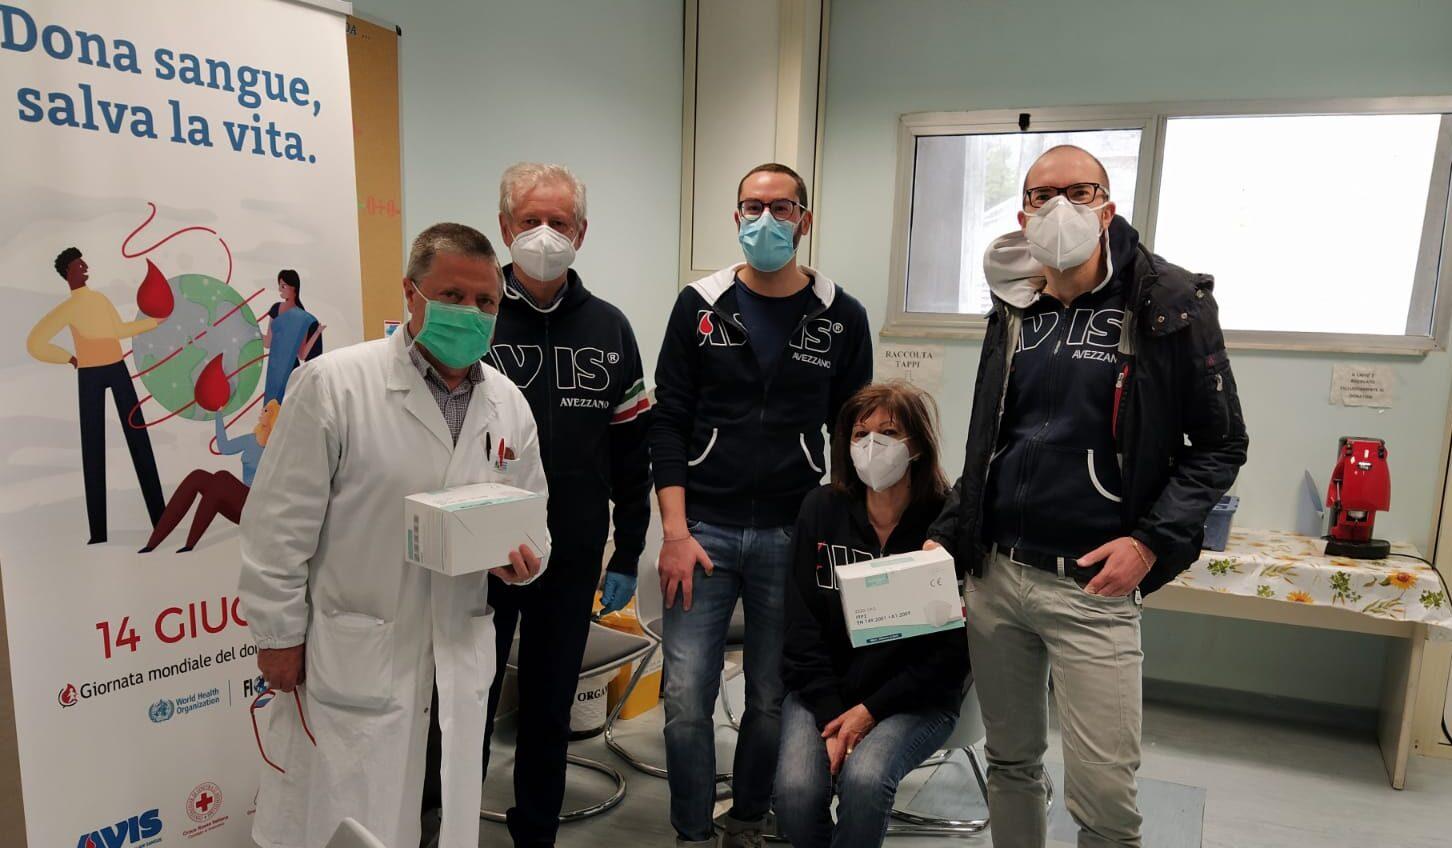 L'AVIS di Avezzano dona mascherine al personale del Centro Trasfusionale